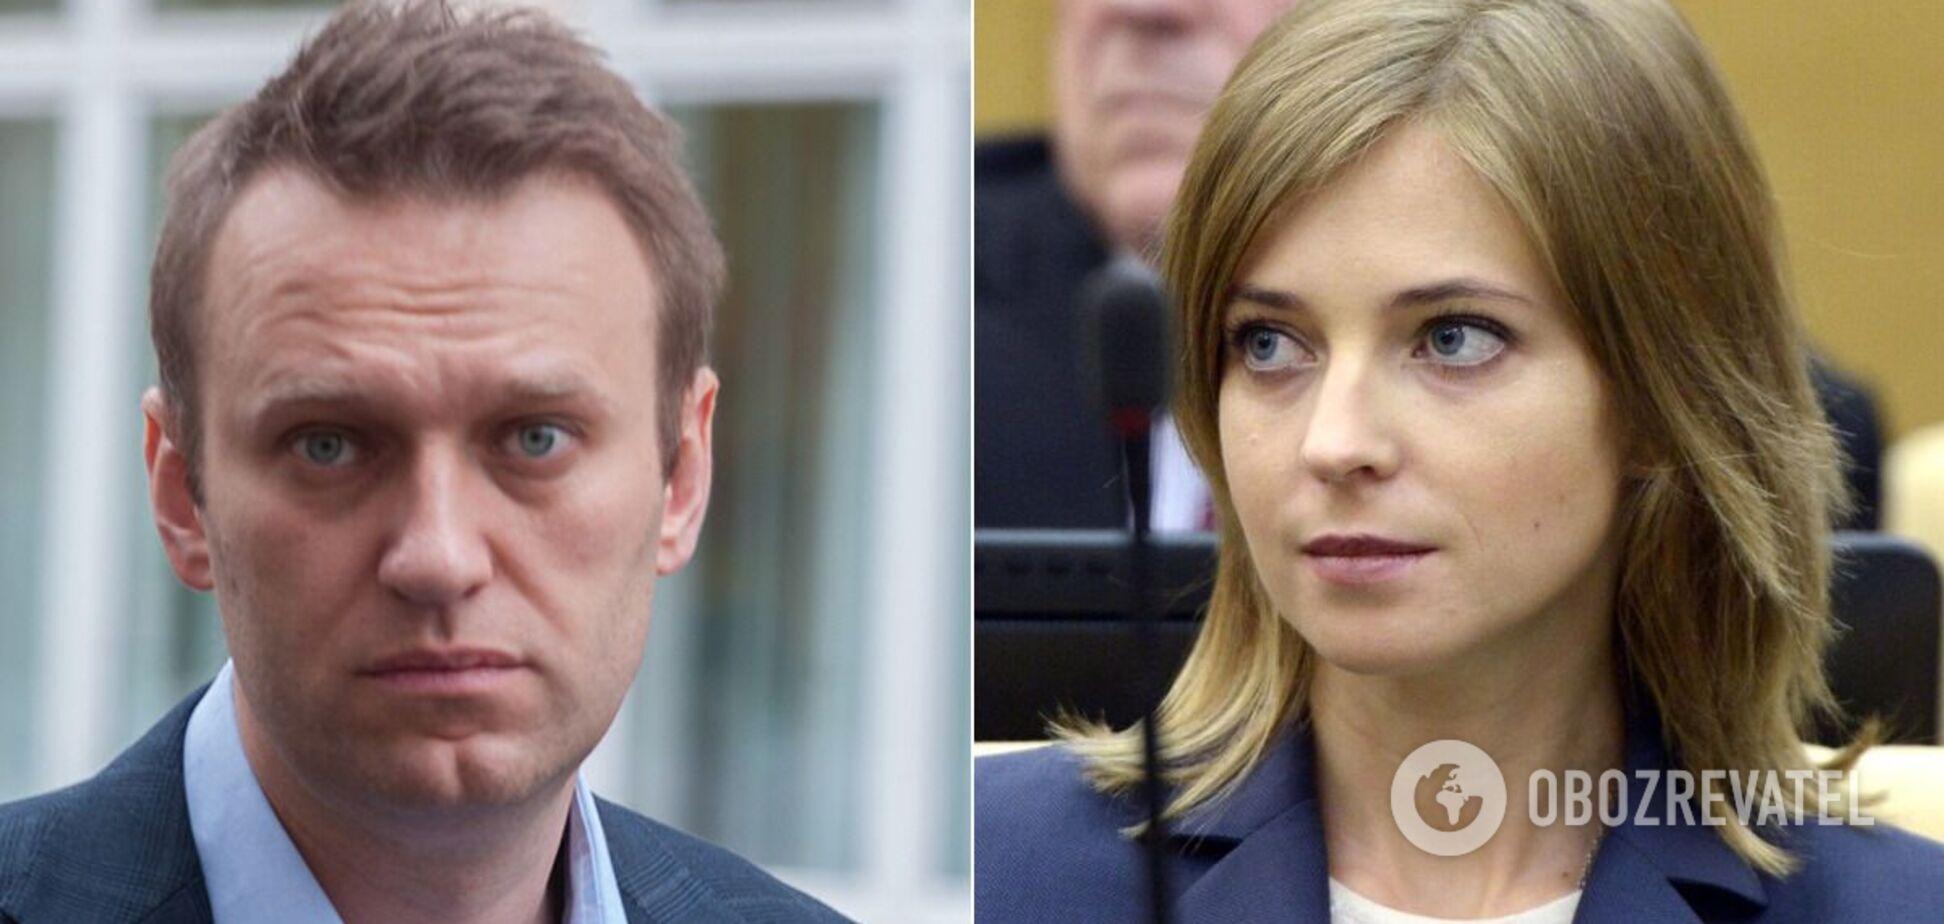 Поклонская вступилась за Навального и заговорила о незаконном задержании